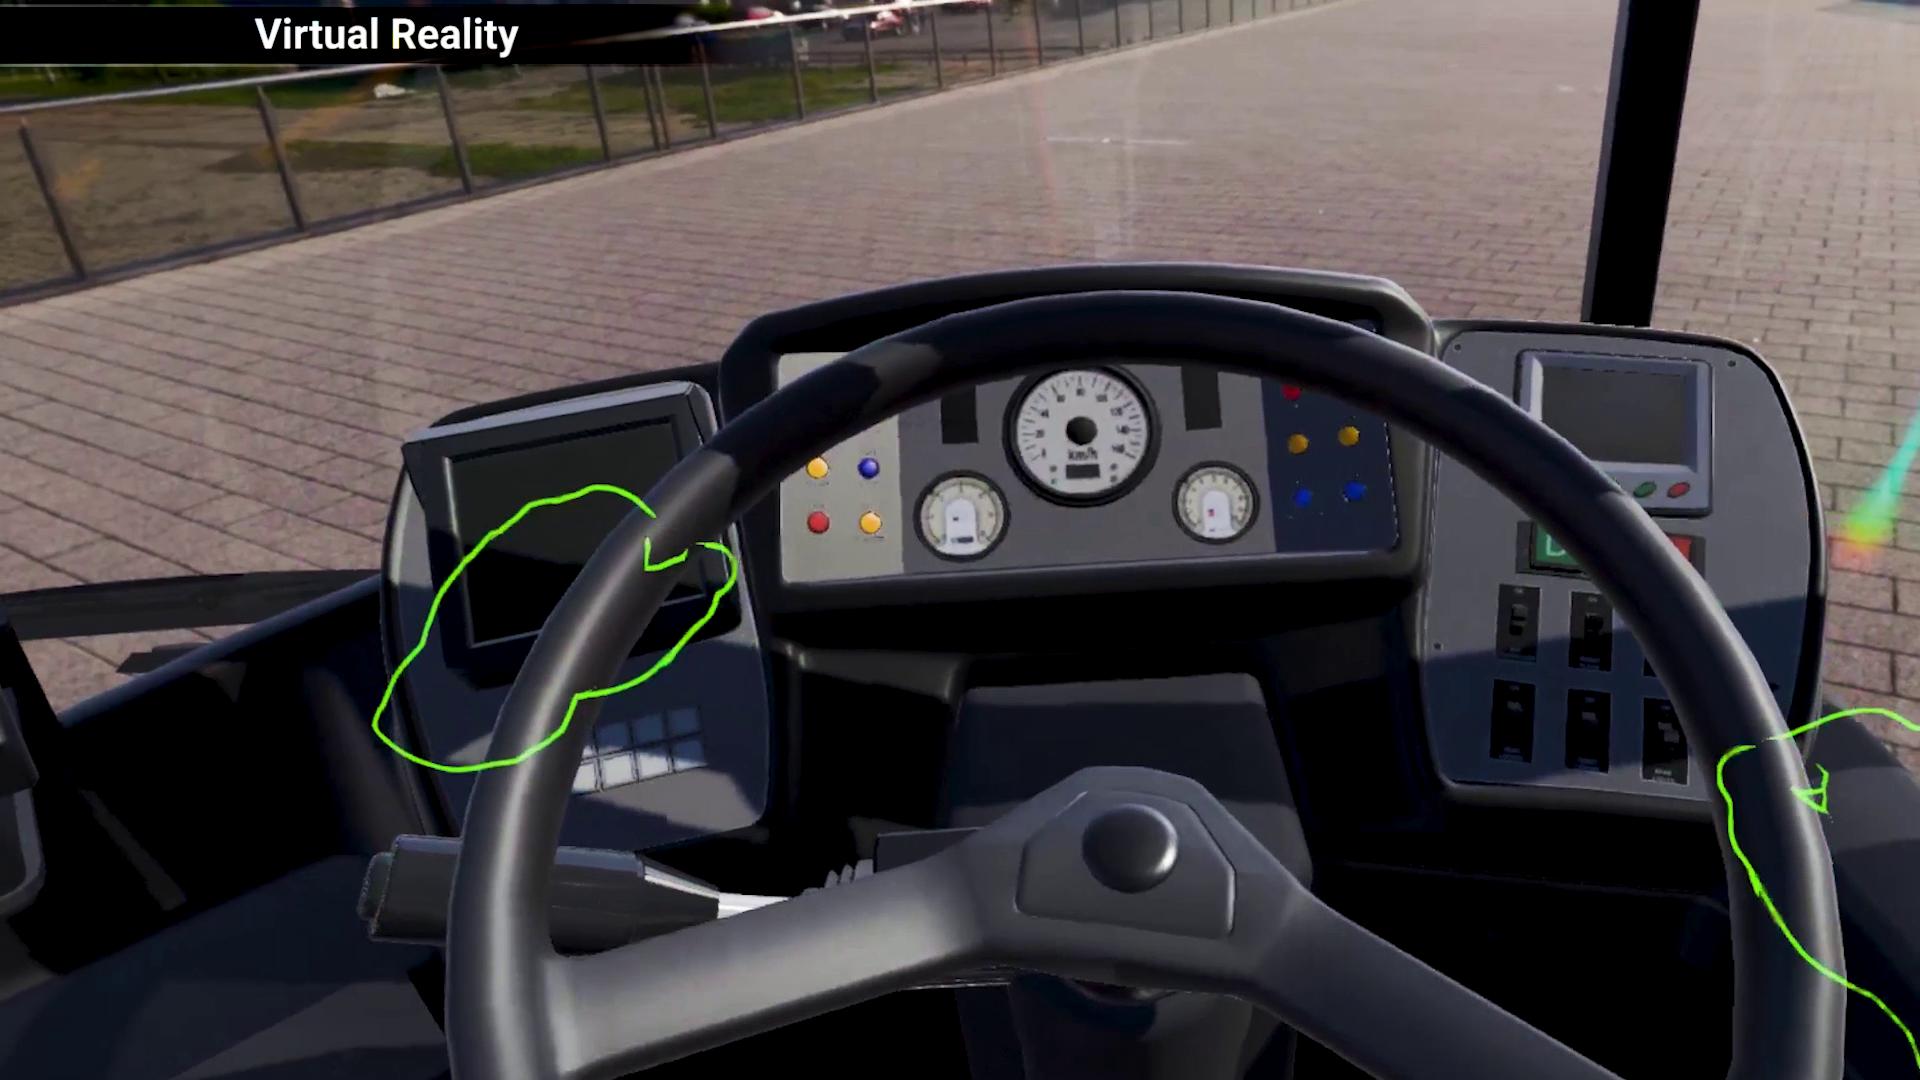 VR Train & Bus Driver training